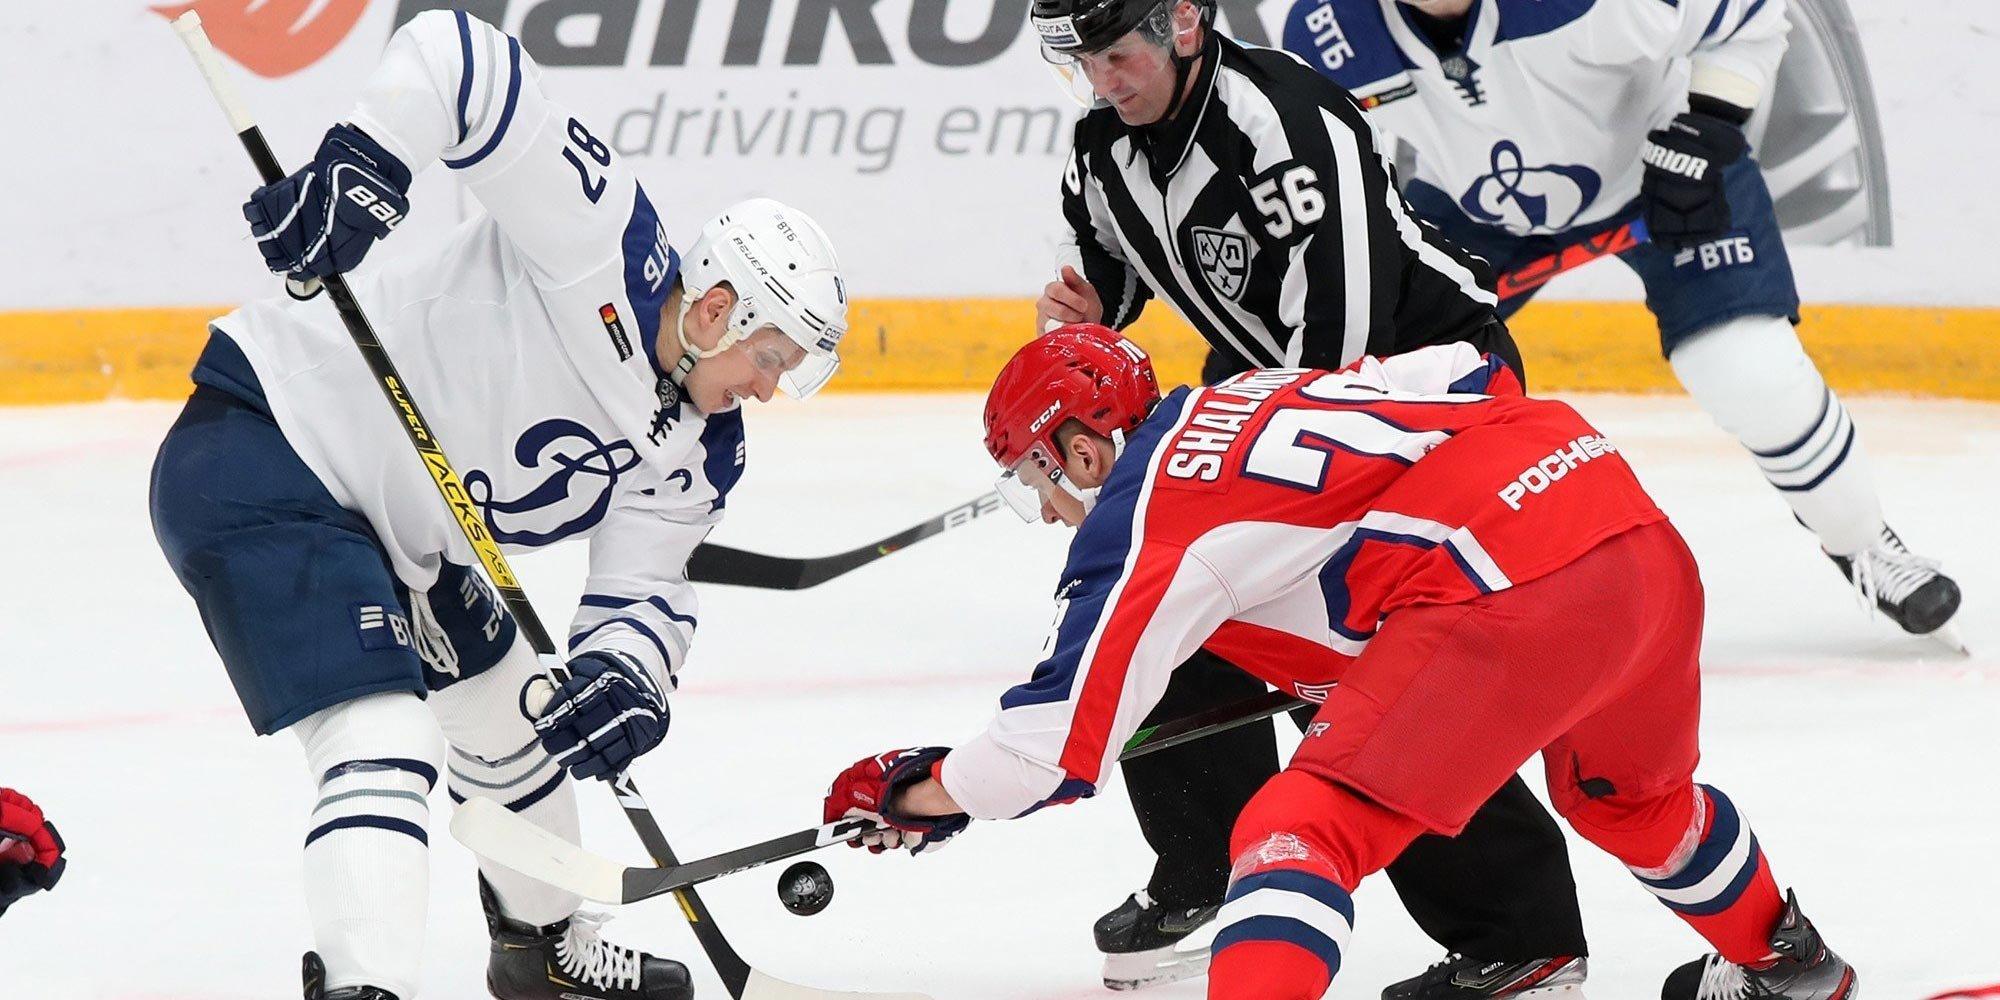 Вице-президент КХЛ о перспективах лиги: «Клубы подписывают представителей НХЛ, уровень точно не снизится»